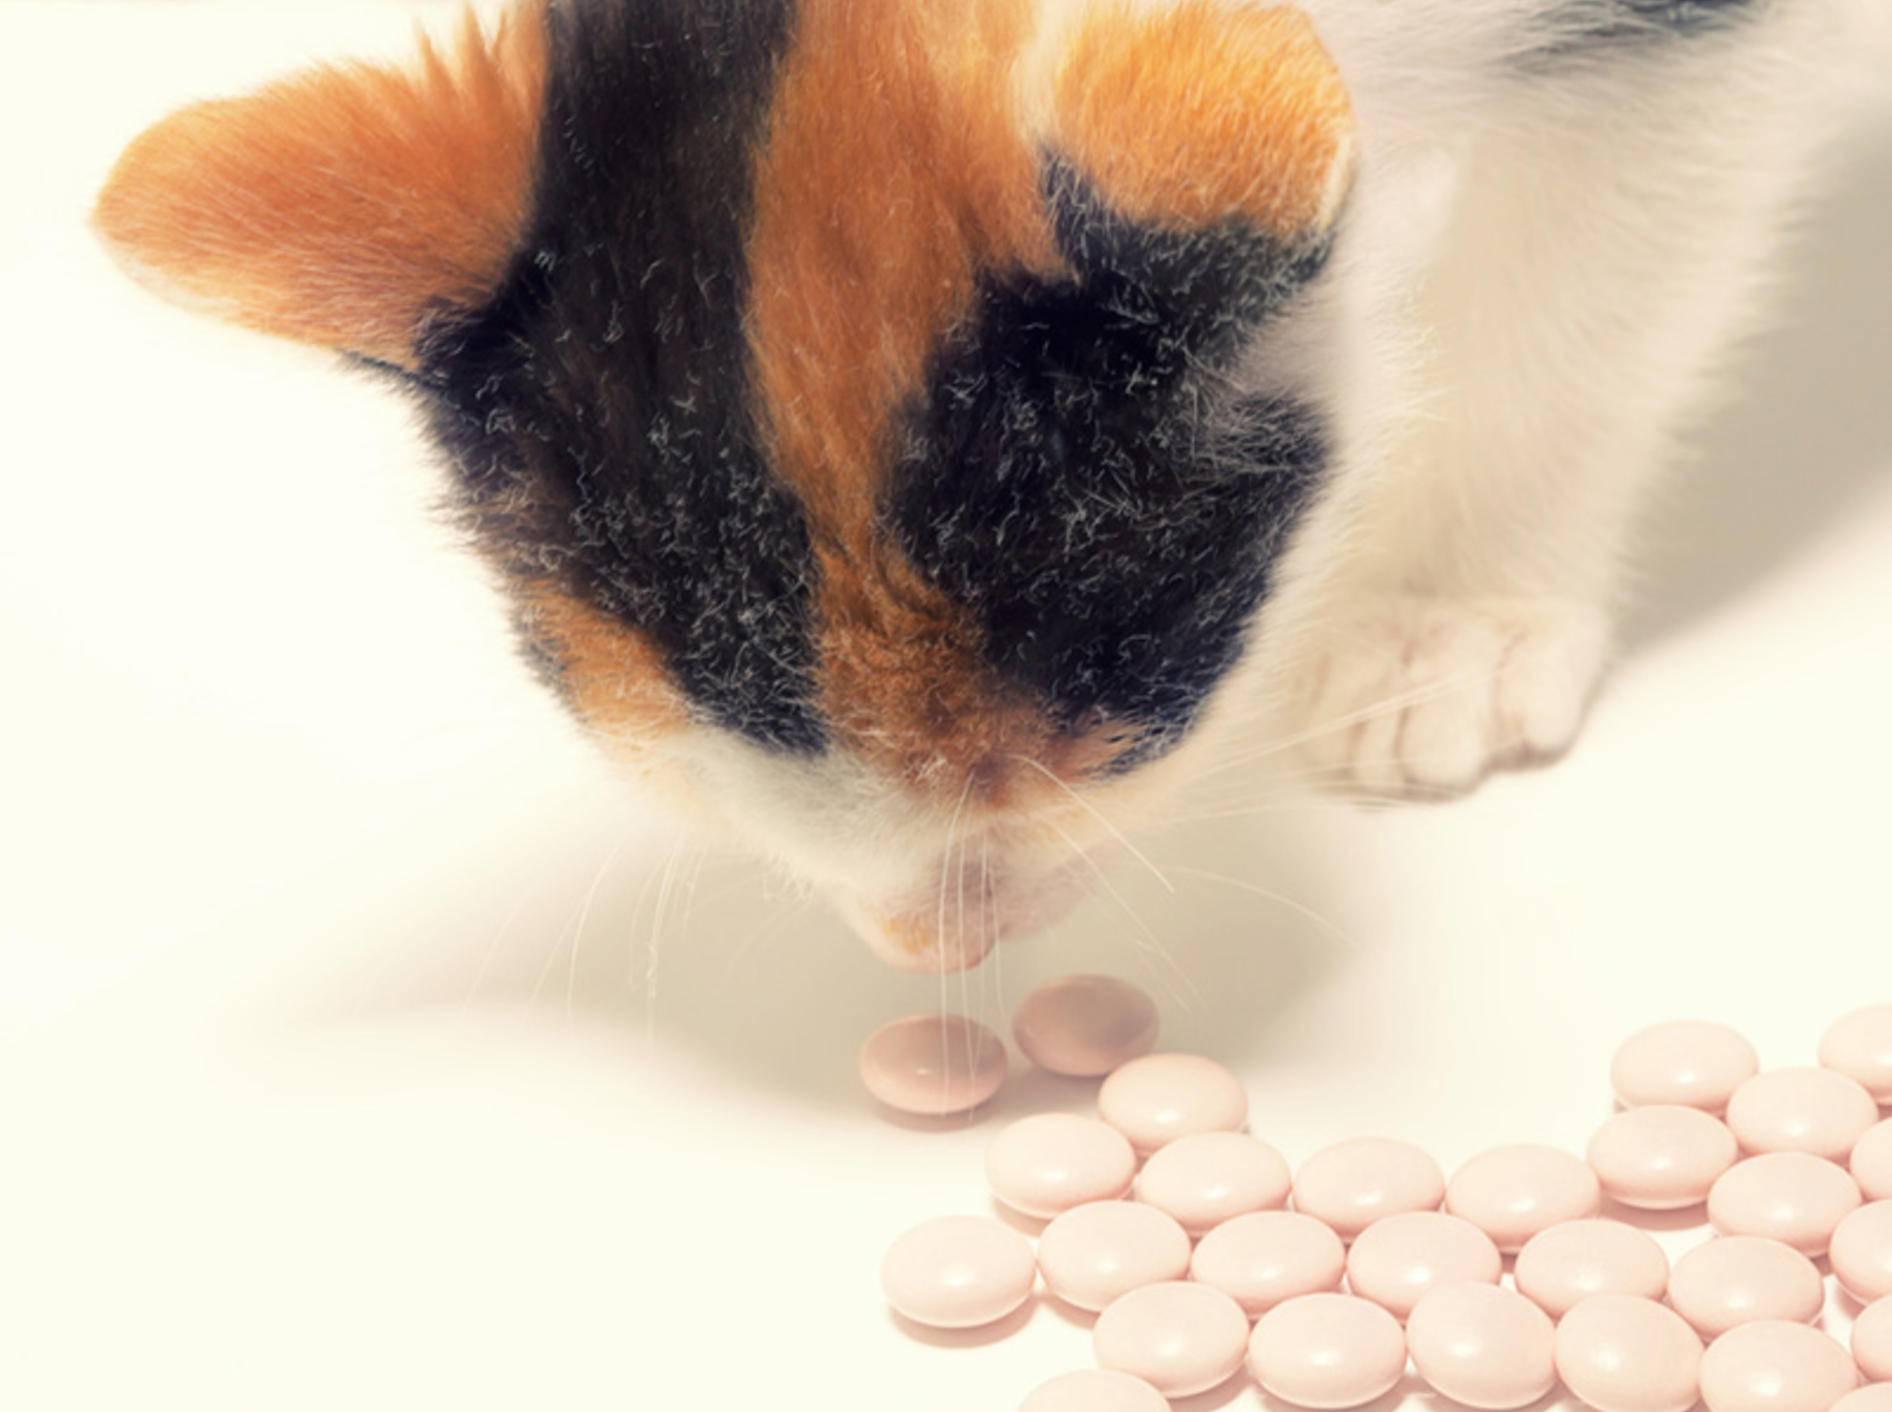 Für Katzen sollten Paracetamol und andere Medikamente auf keinen Fall zugänglich sein – Andrii Muzyka/Shutterstock